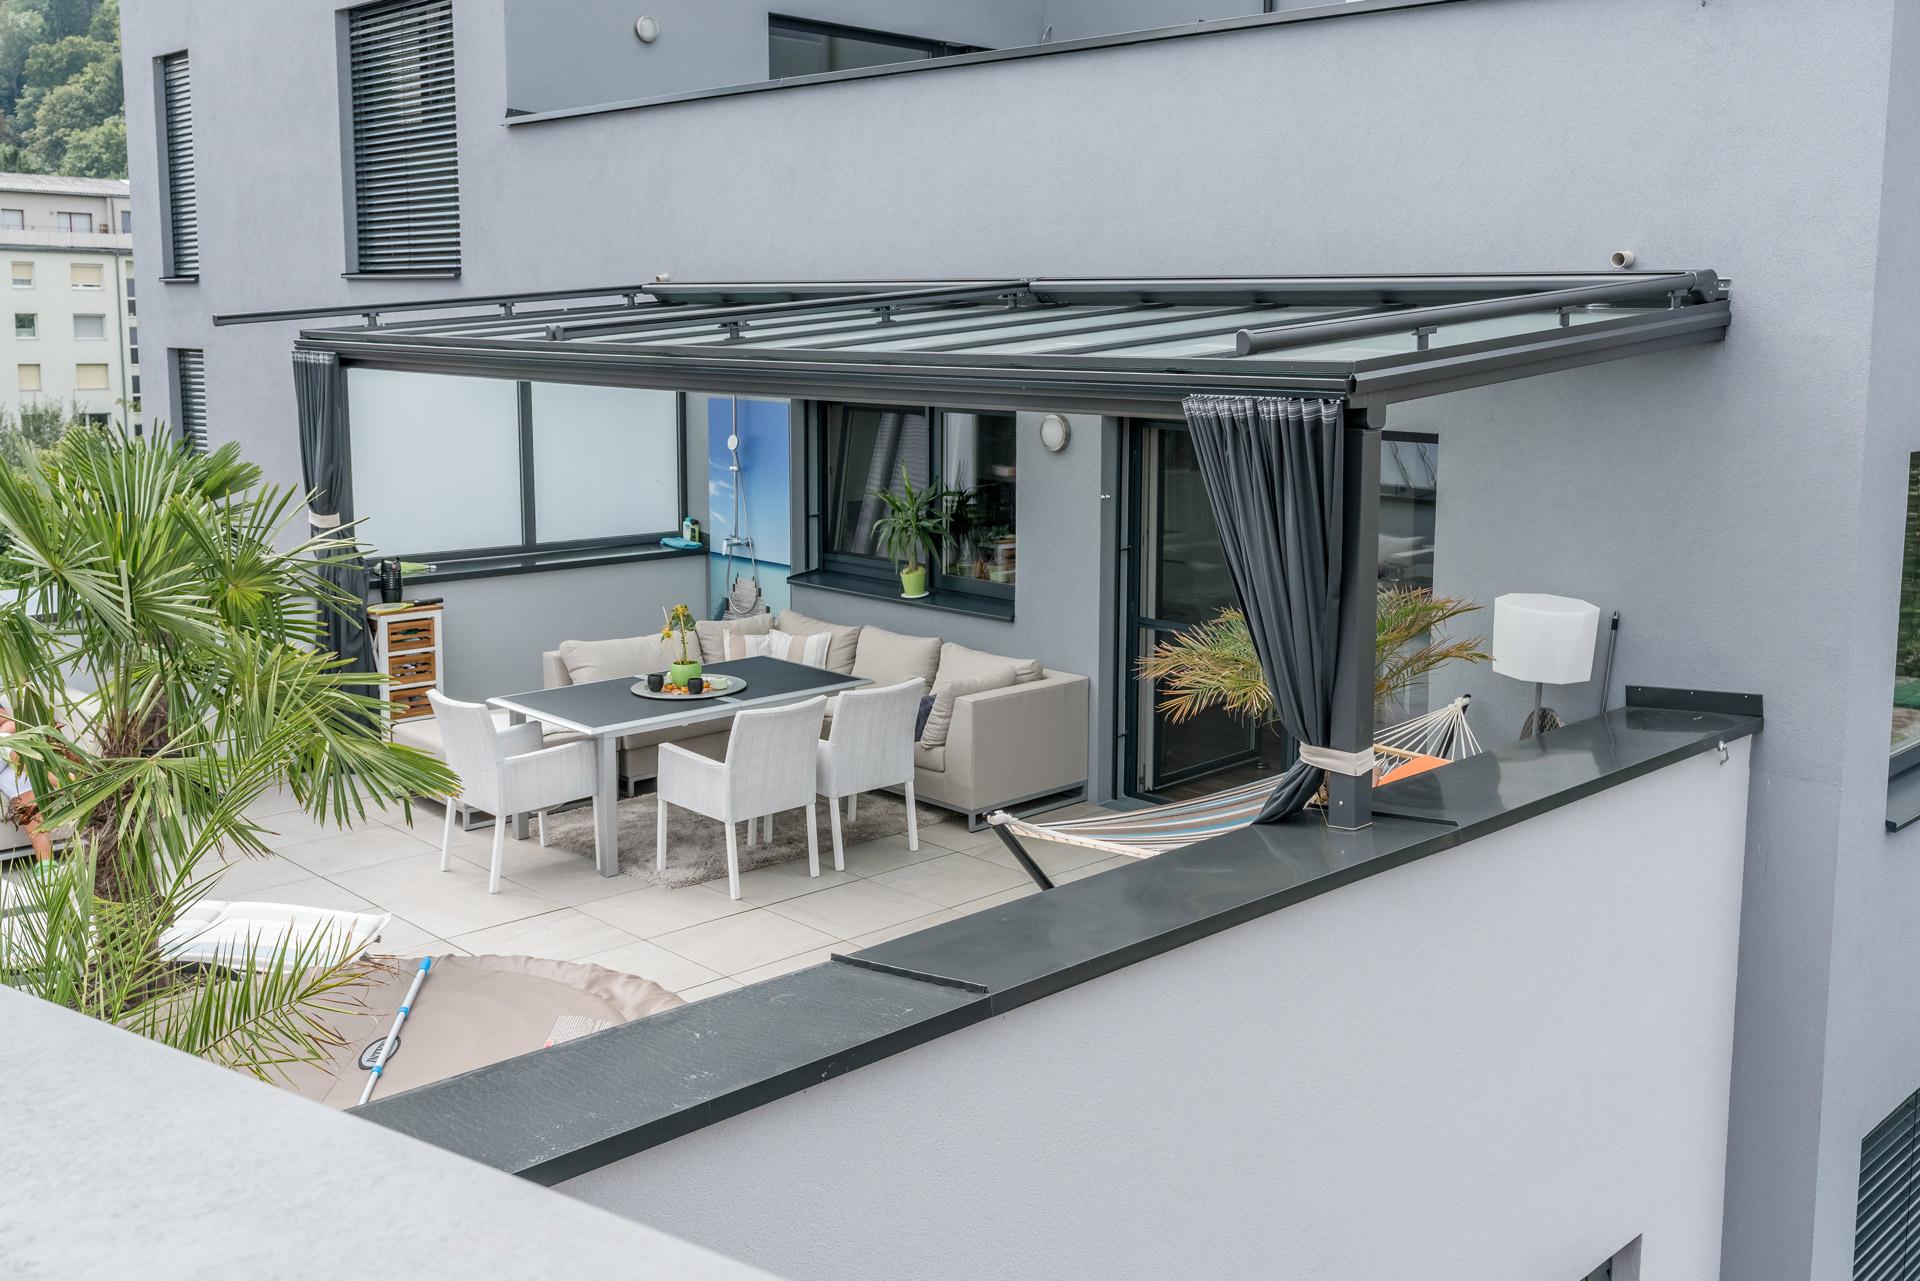 Terrassendach Alu 86 b | Dachterrassenüberdachung grau, Glaseindeckung, Aufdachmarkisen | Svoboda